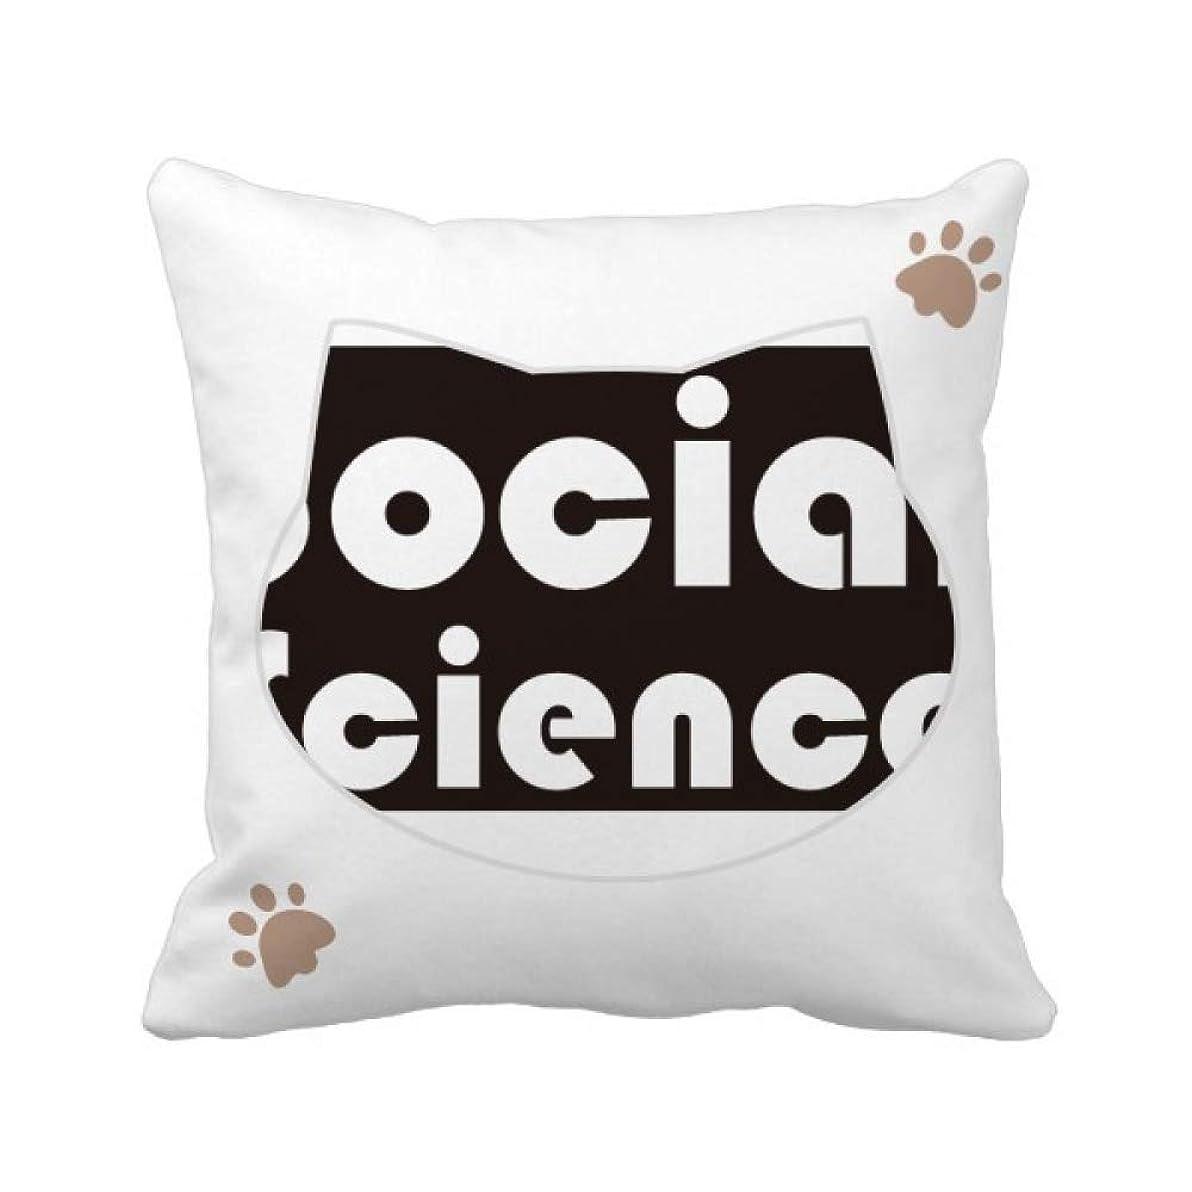 爵隣接するエンゲージメントコースと主要な社会科学?ブラック 枕カバーを放り投げる猫広場 50cm x 50cm